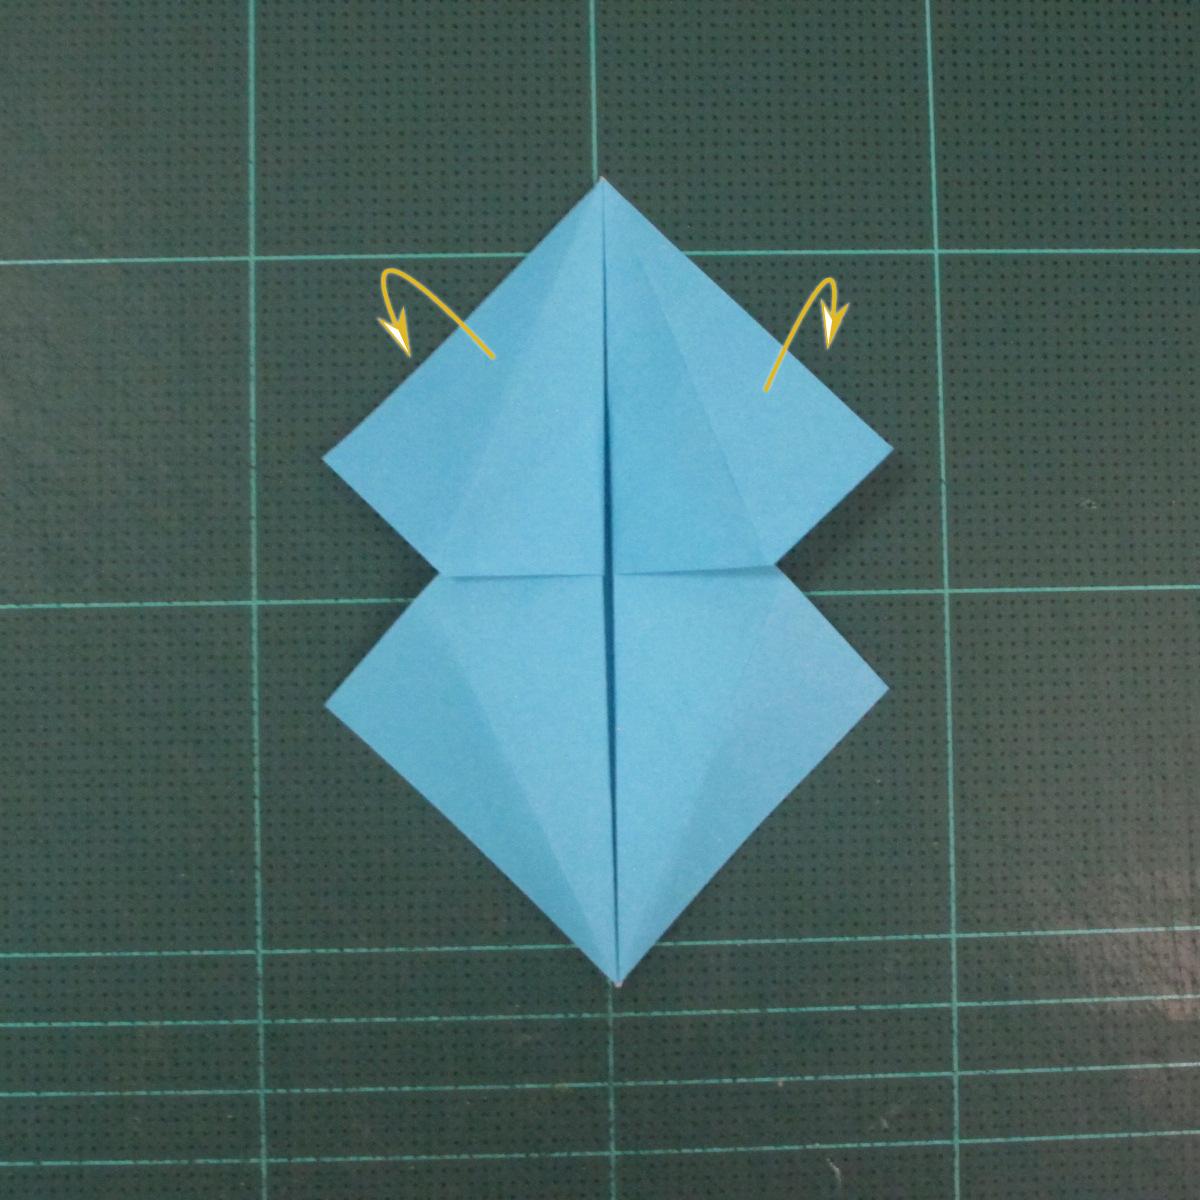 วิธีพับกระดาษเป็นถาดใส่ขนมรูปดาวแปดแฉก (Origami Eight Point Star Candy Tray) 012